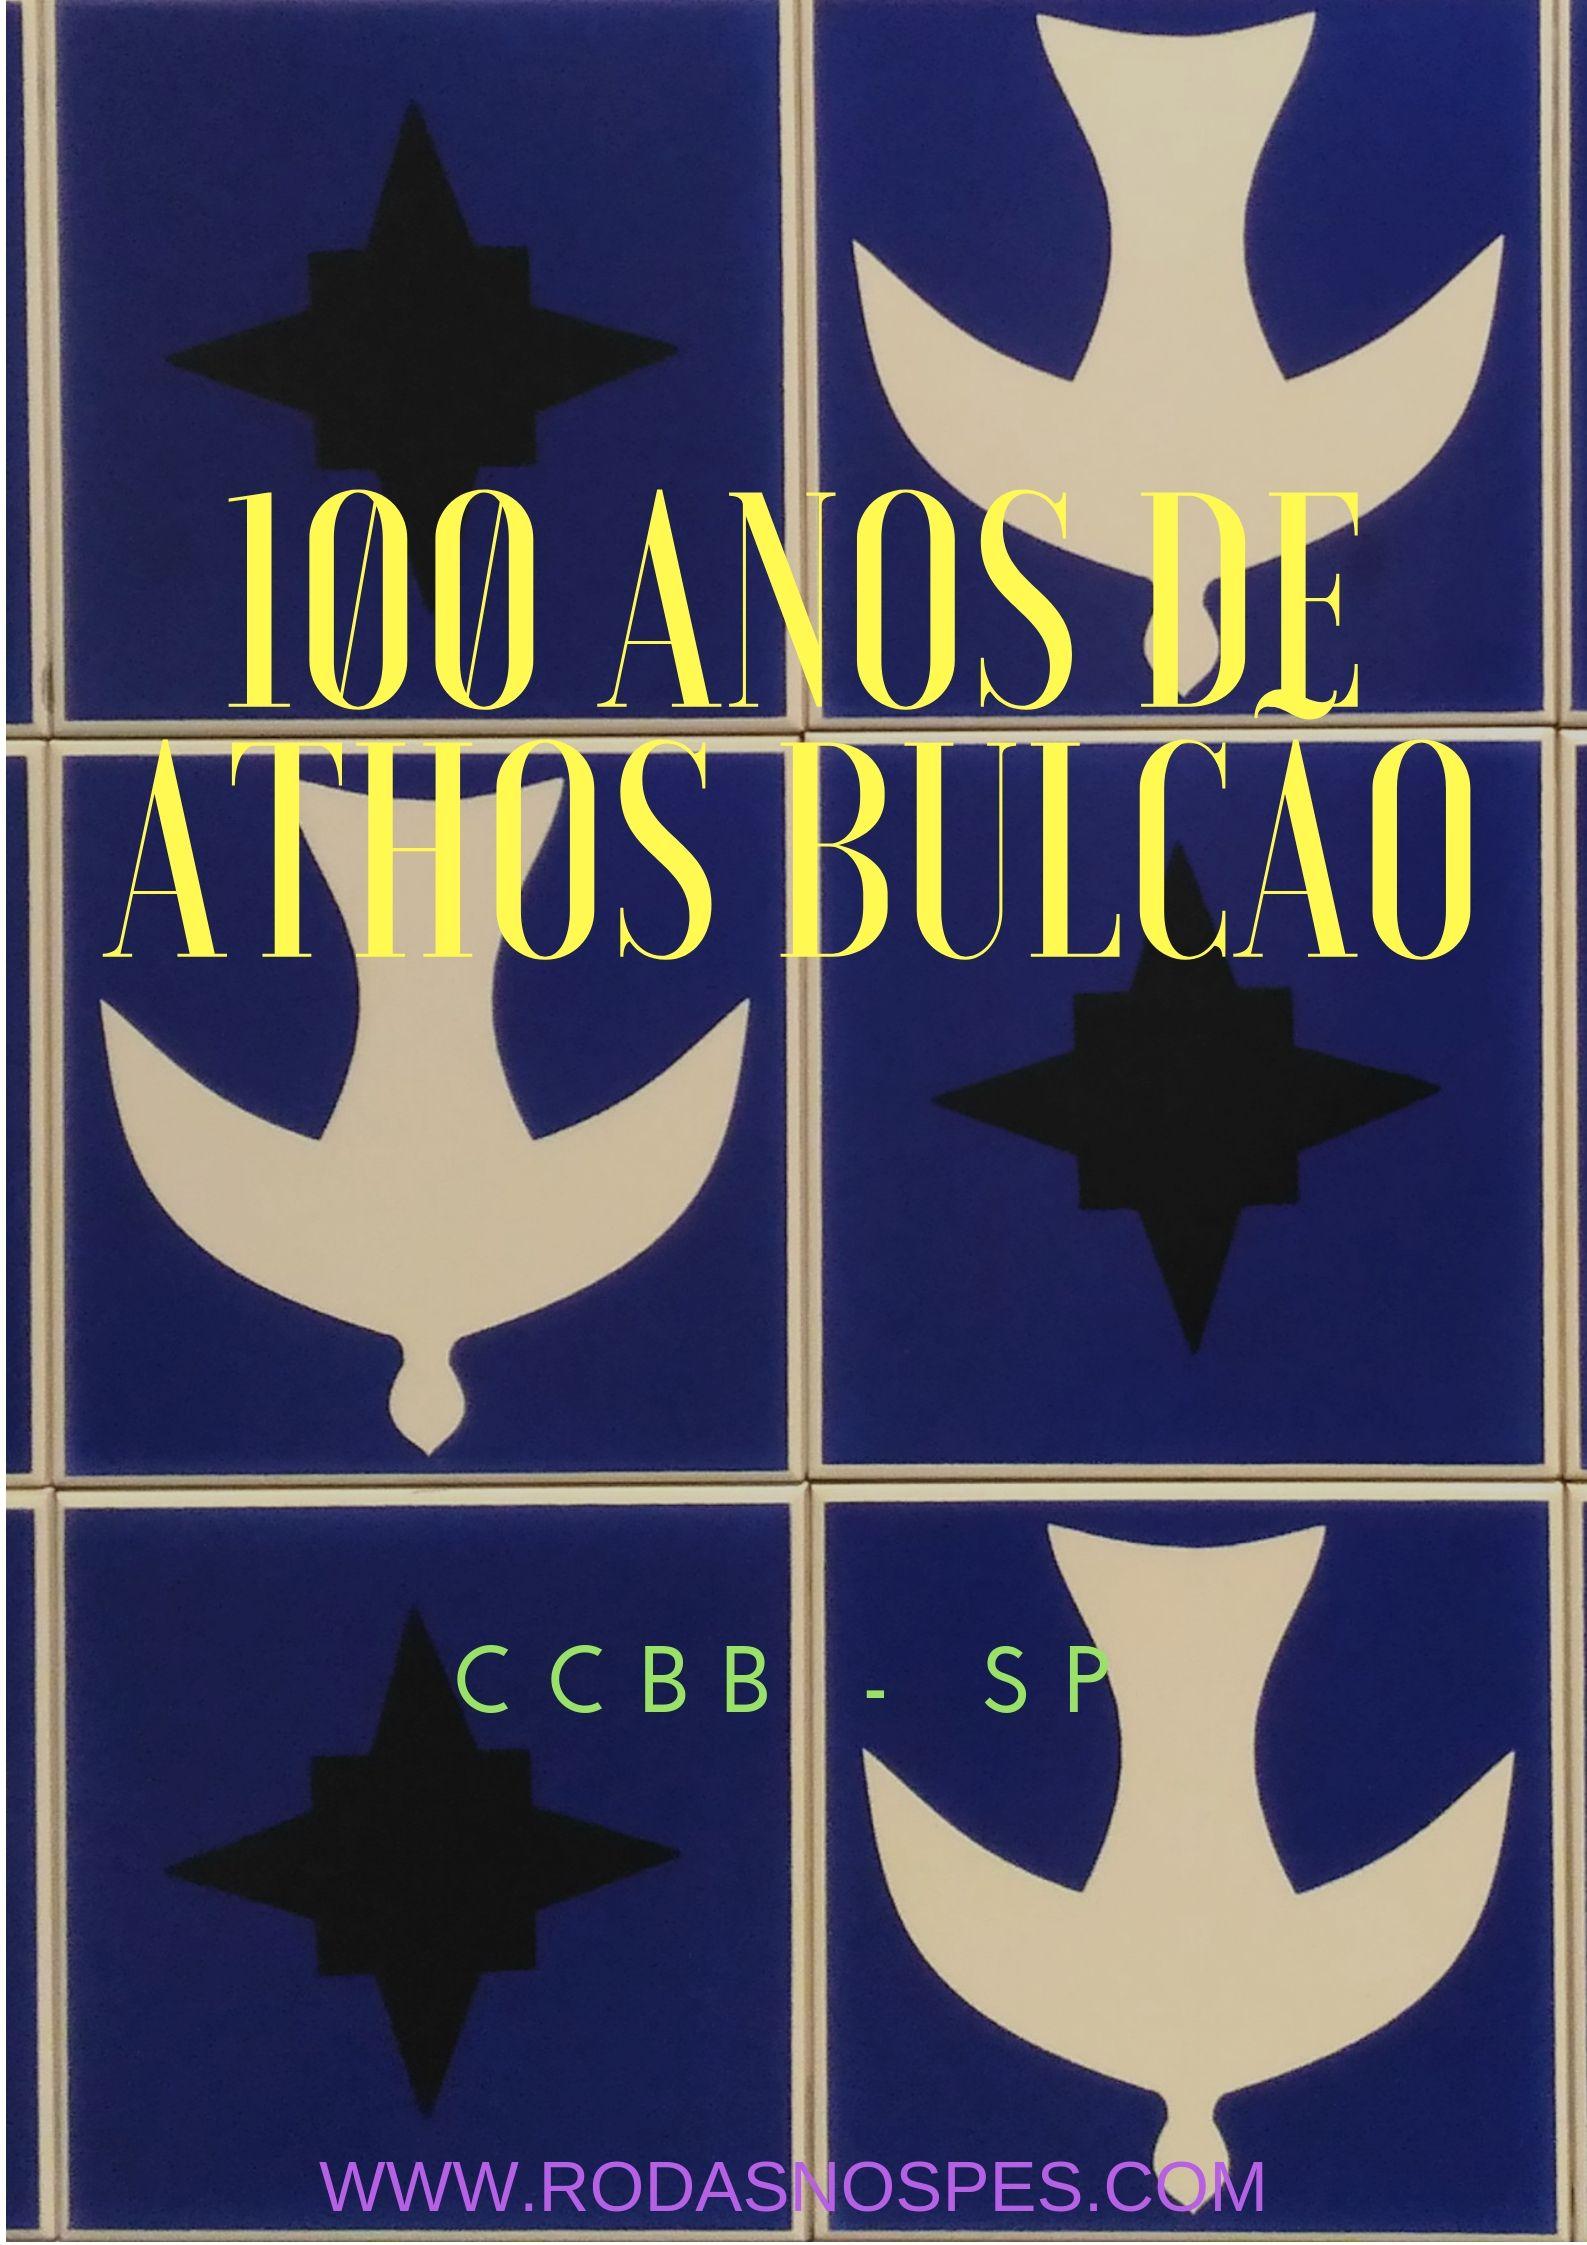 100 Anos de Athos Bulcão: conhecendo o artista através da